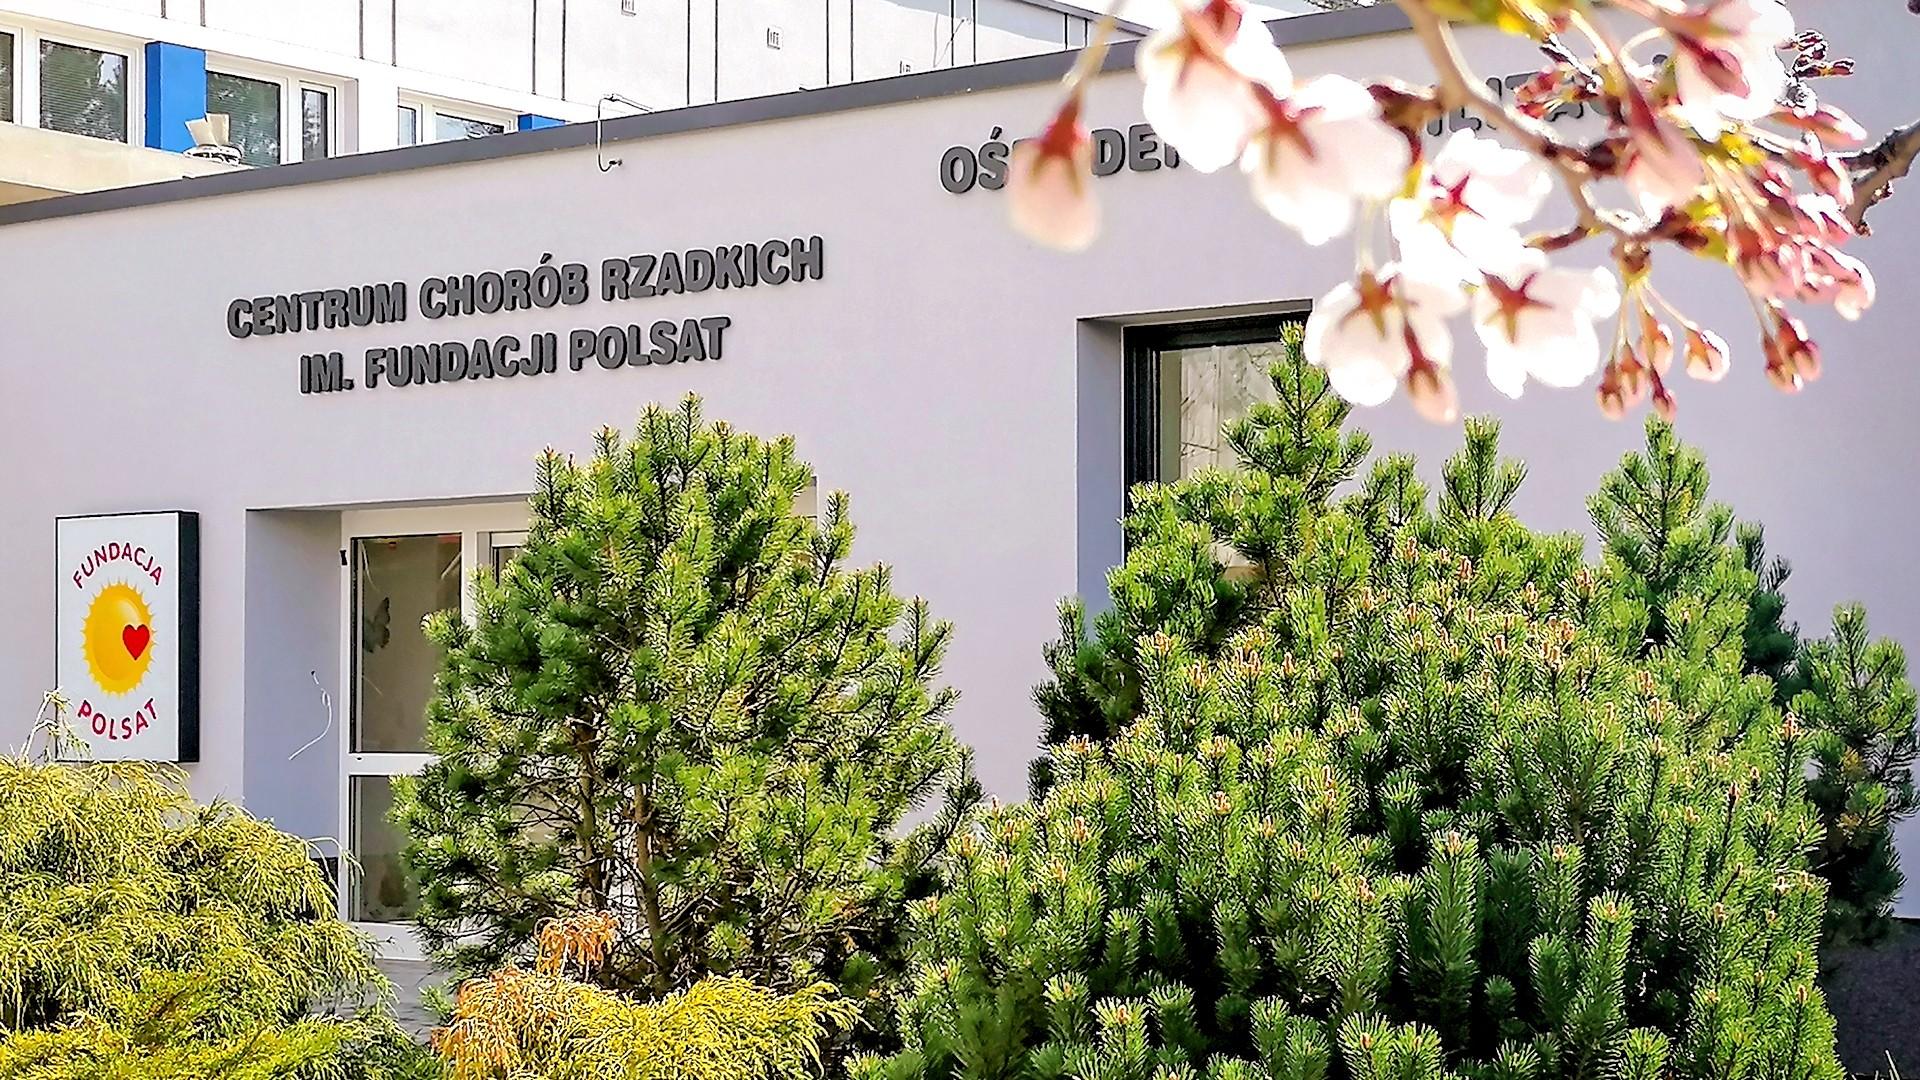 Centrum Chorób Rzadkich im. Fundacji Polsat już otwarte! Dziękujemy darczyńcom!